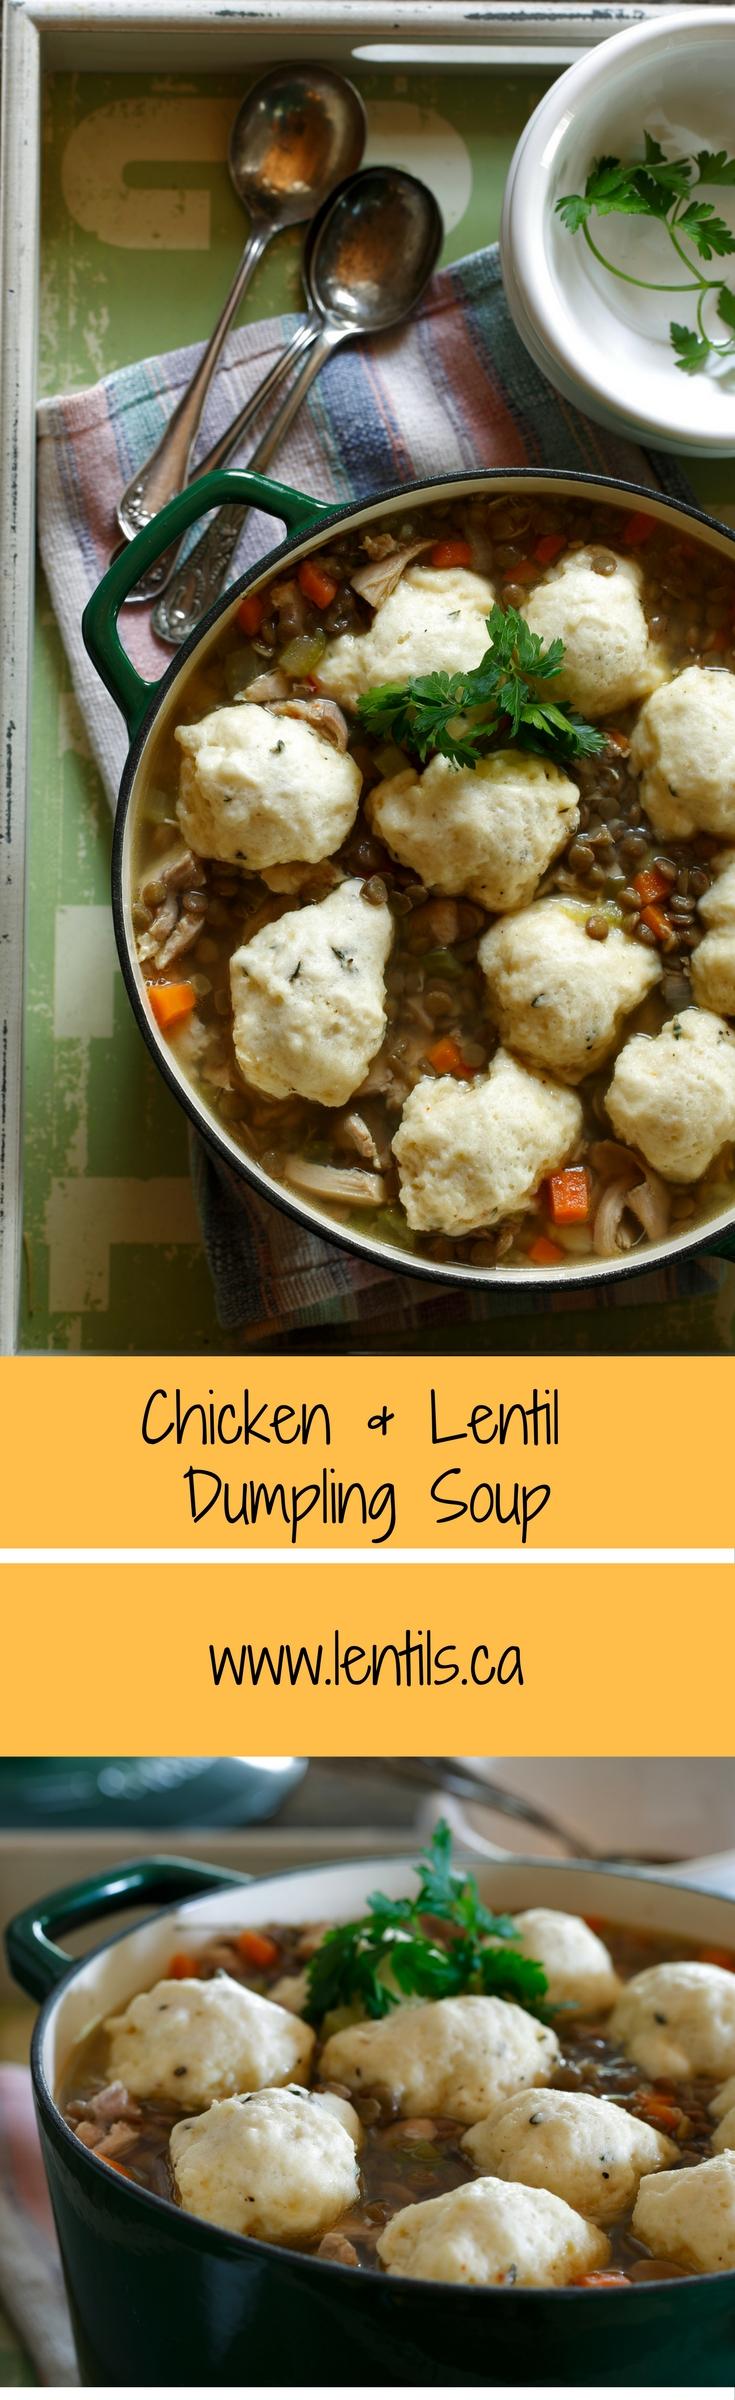 Chicken & Lentil Dumpling Soup